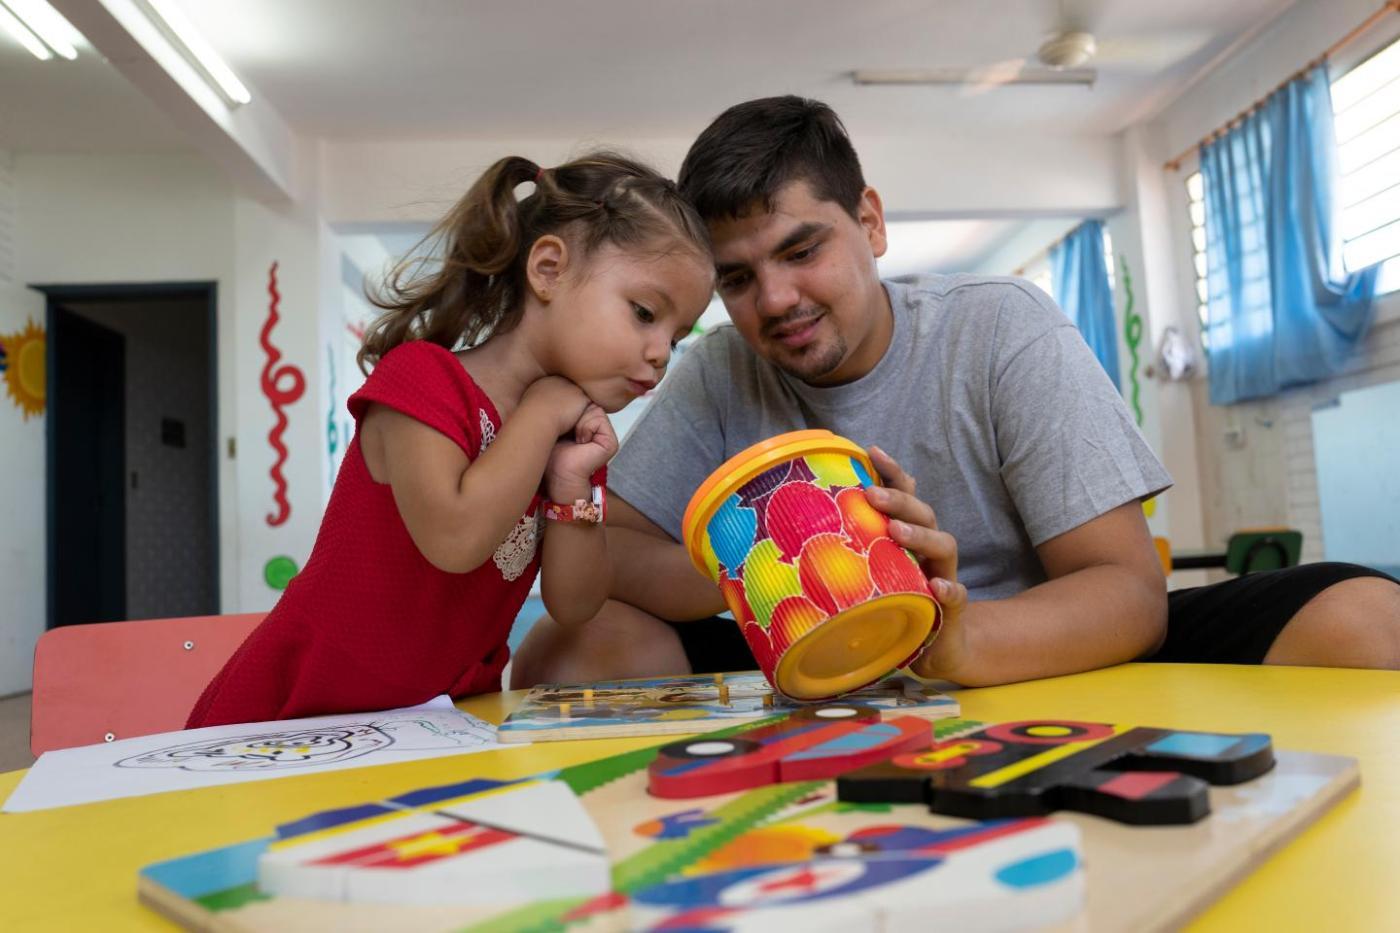 Xiomara, de 3 anos, fai fotos co seu pai, David Fretes Paniagua, de 27 anos, no Paraguai.